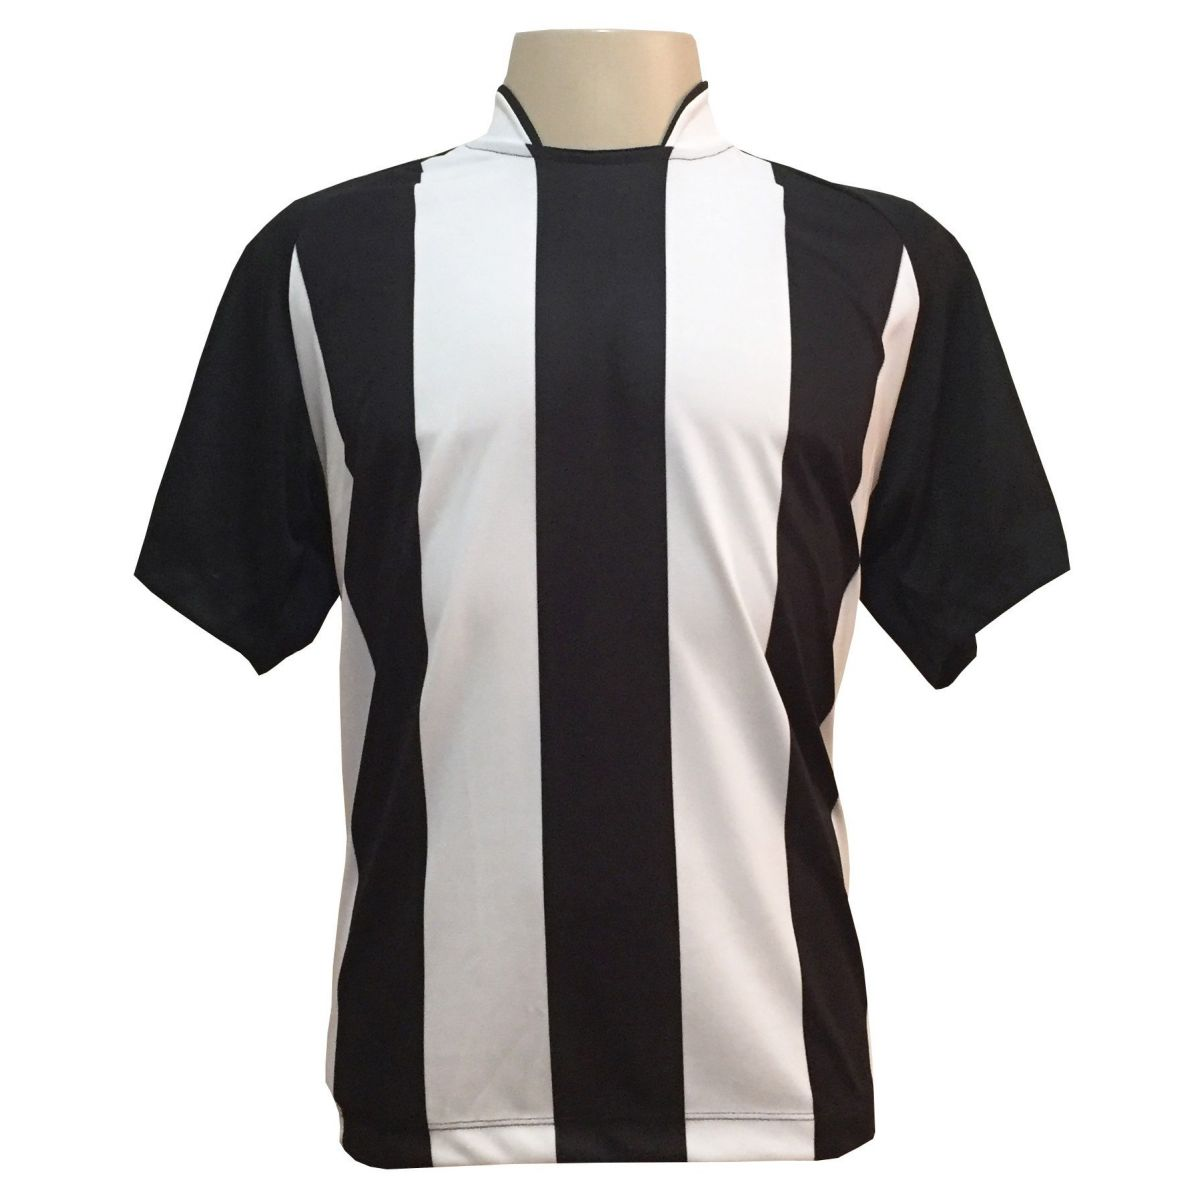 Uniforme Esportivo com 18 Camisas modelo Milan Preto/Branco + 18 Calções modelo Copa Preto/Branco   - ESTAÇÃO DO ESPORTE